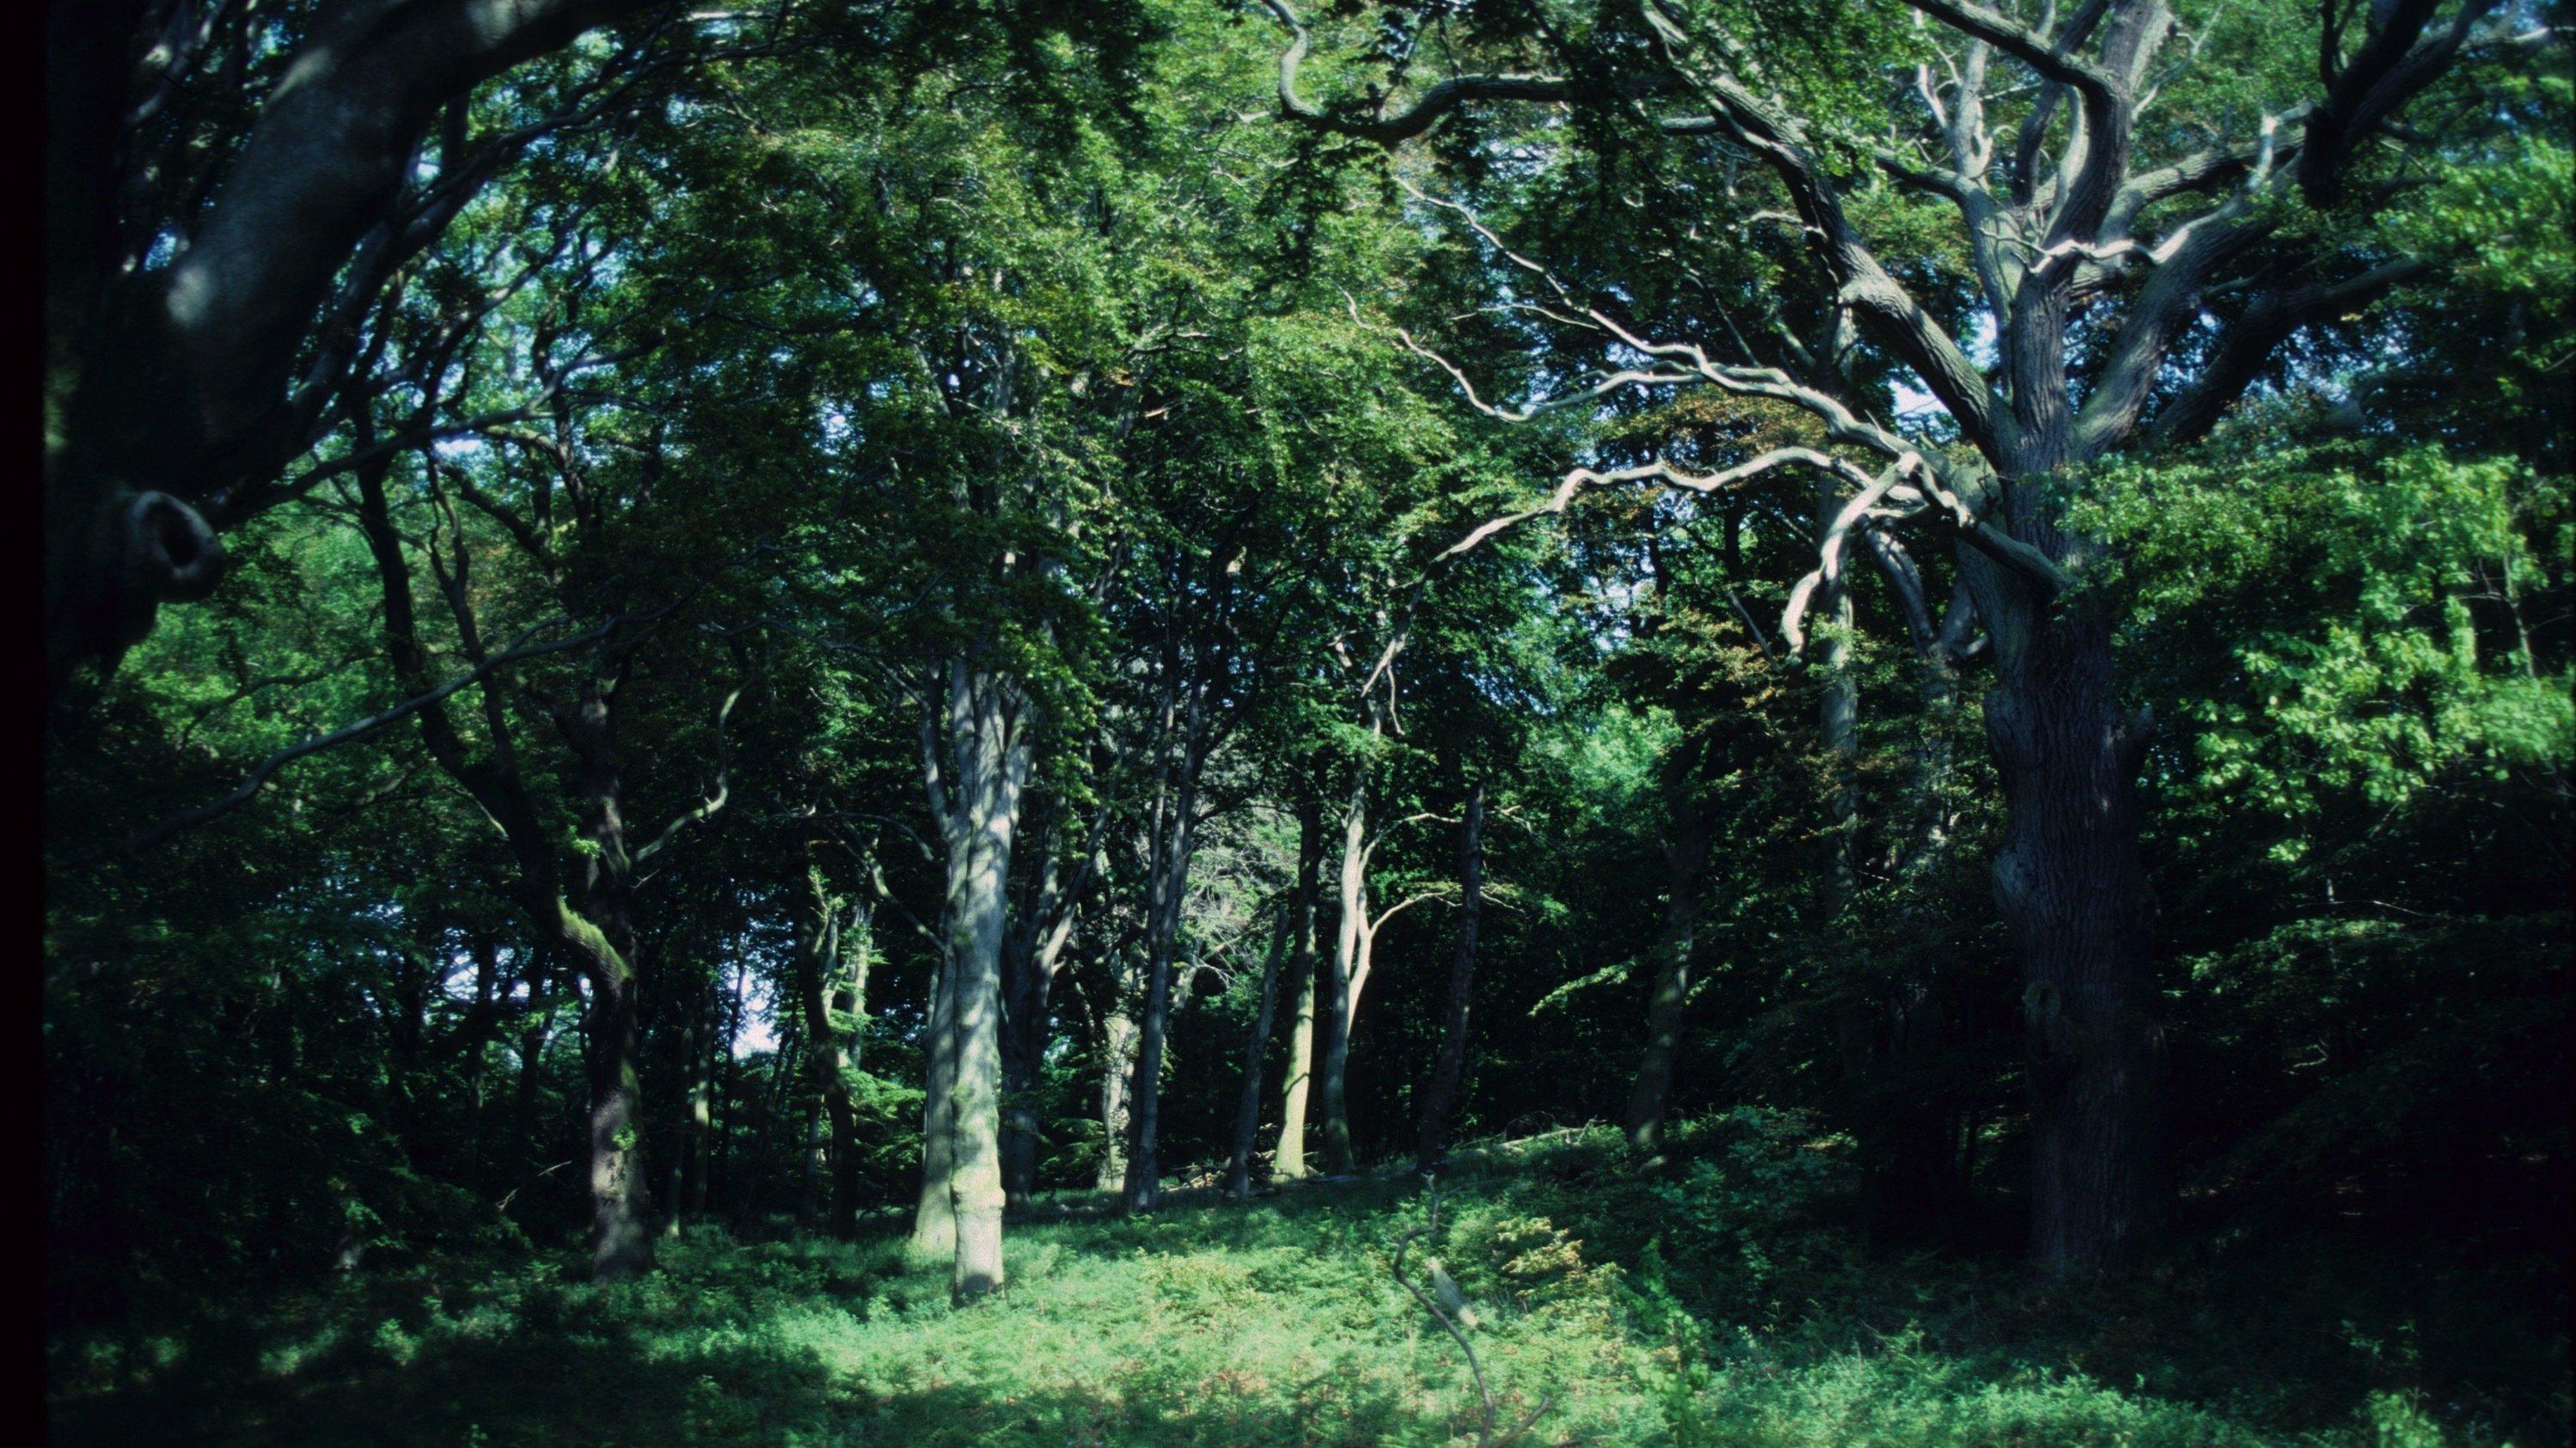 Der Wald besteht aus großen alten Bäumen.